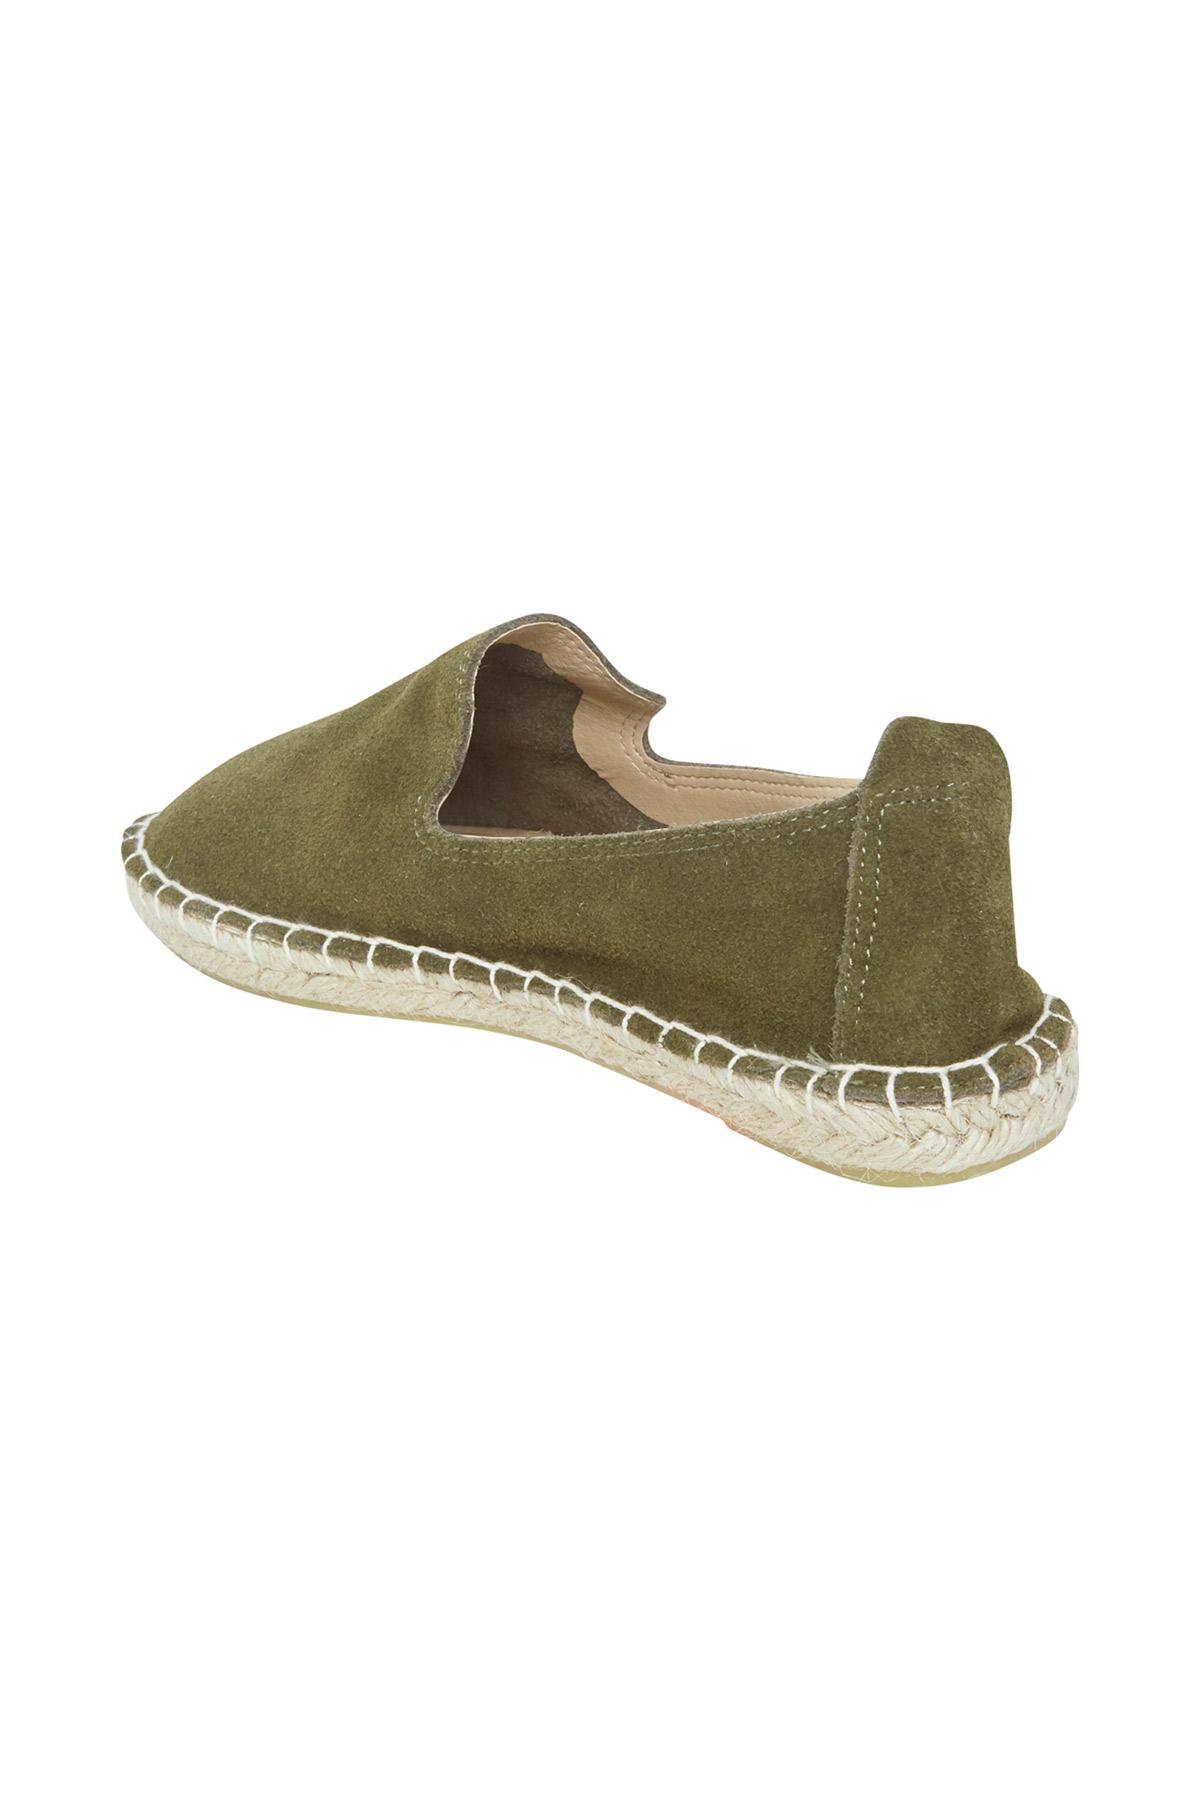 Olivgrün Schuh von Ichi - accessories – Shoppen Sie Olivgrün Schuh ab Gr. 36-42 hier